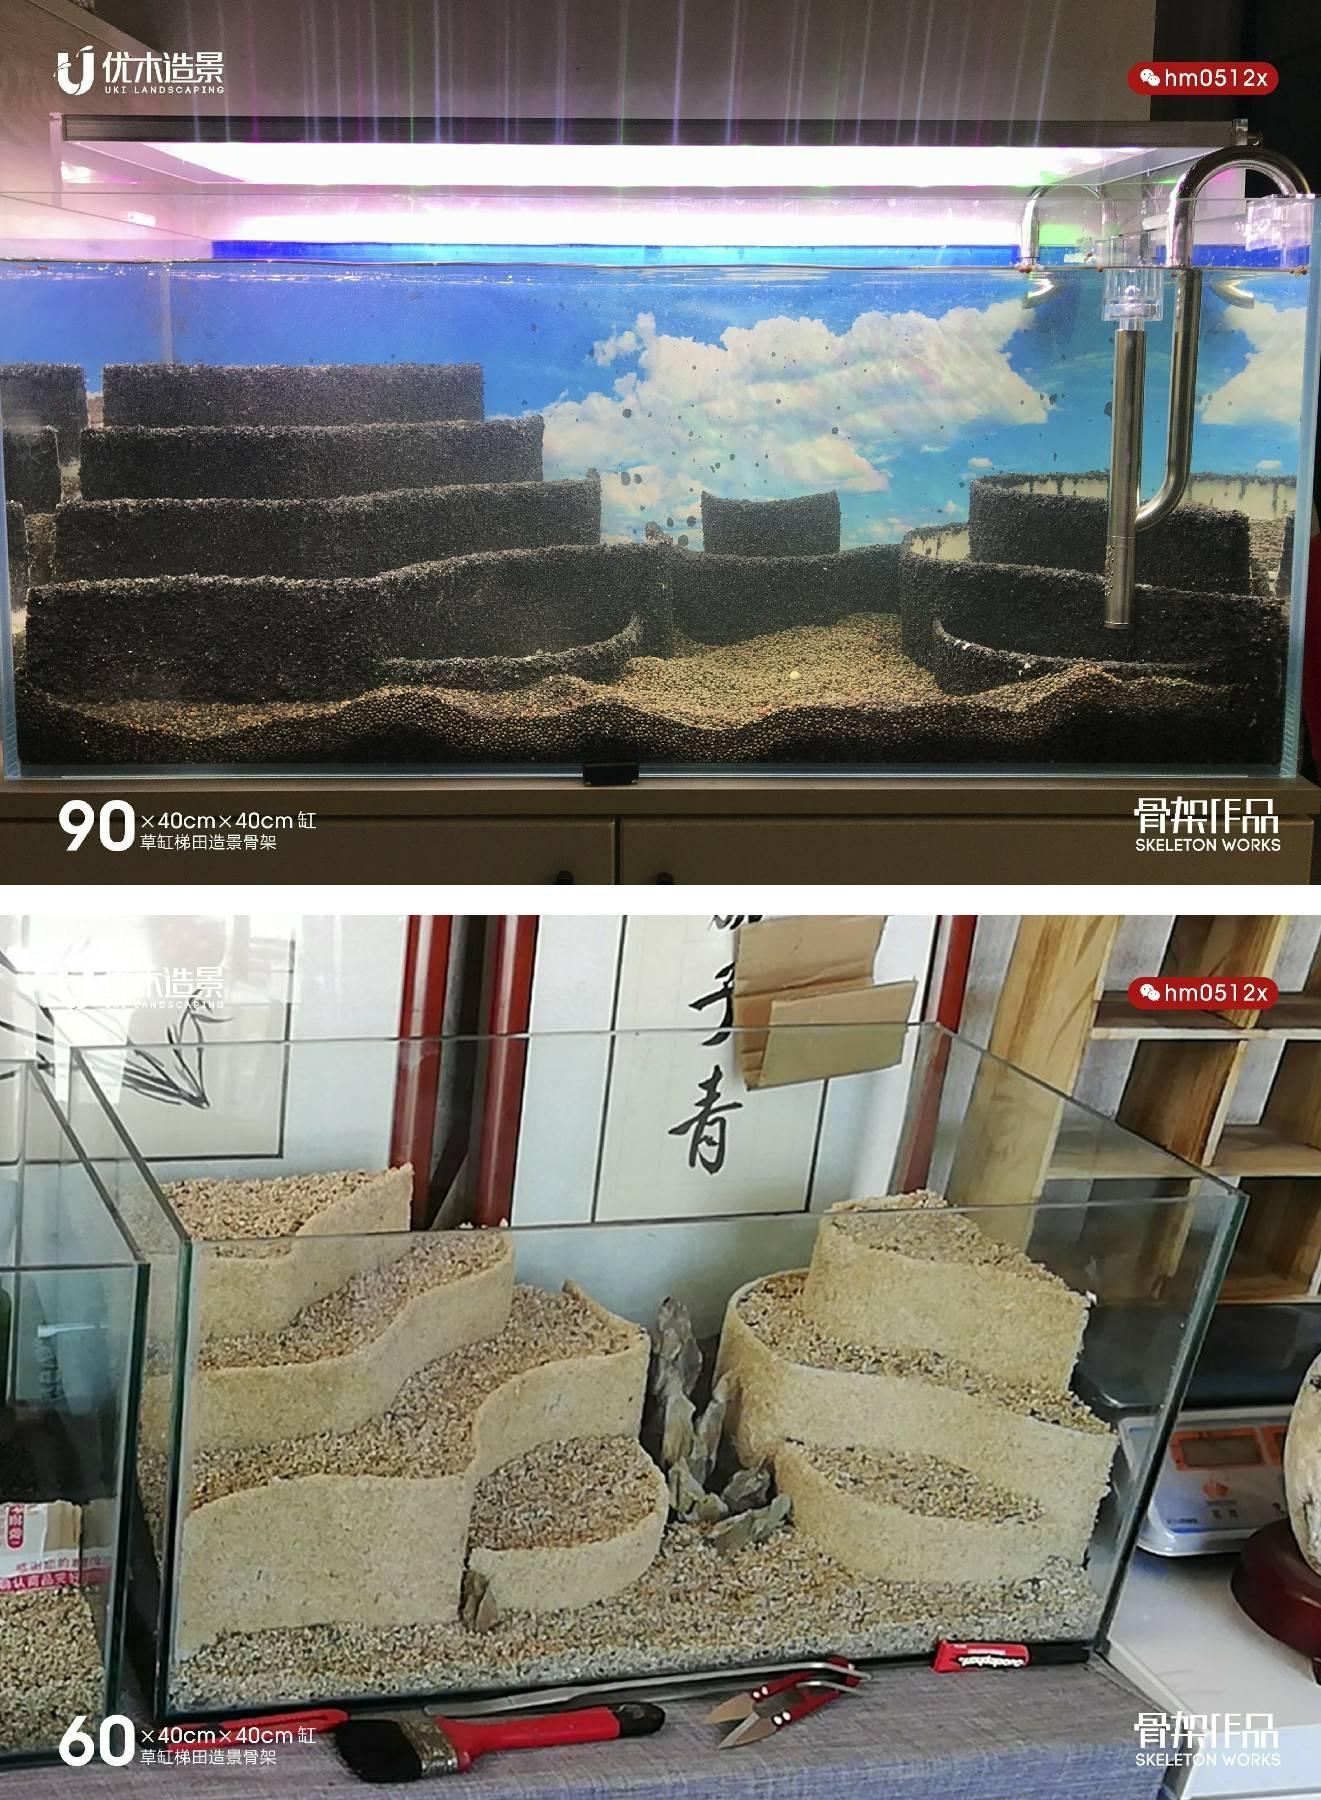 各种不同草缸的梯田造景骨架布草返图